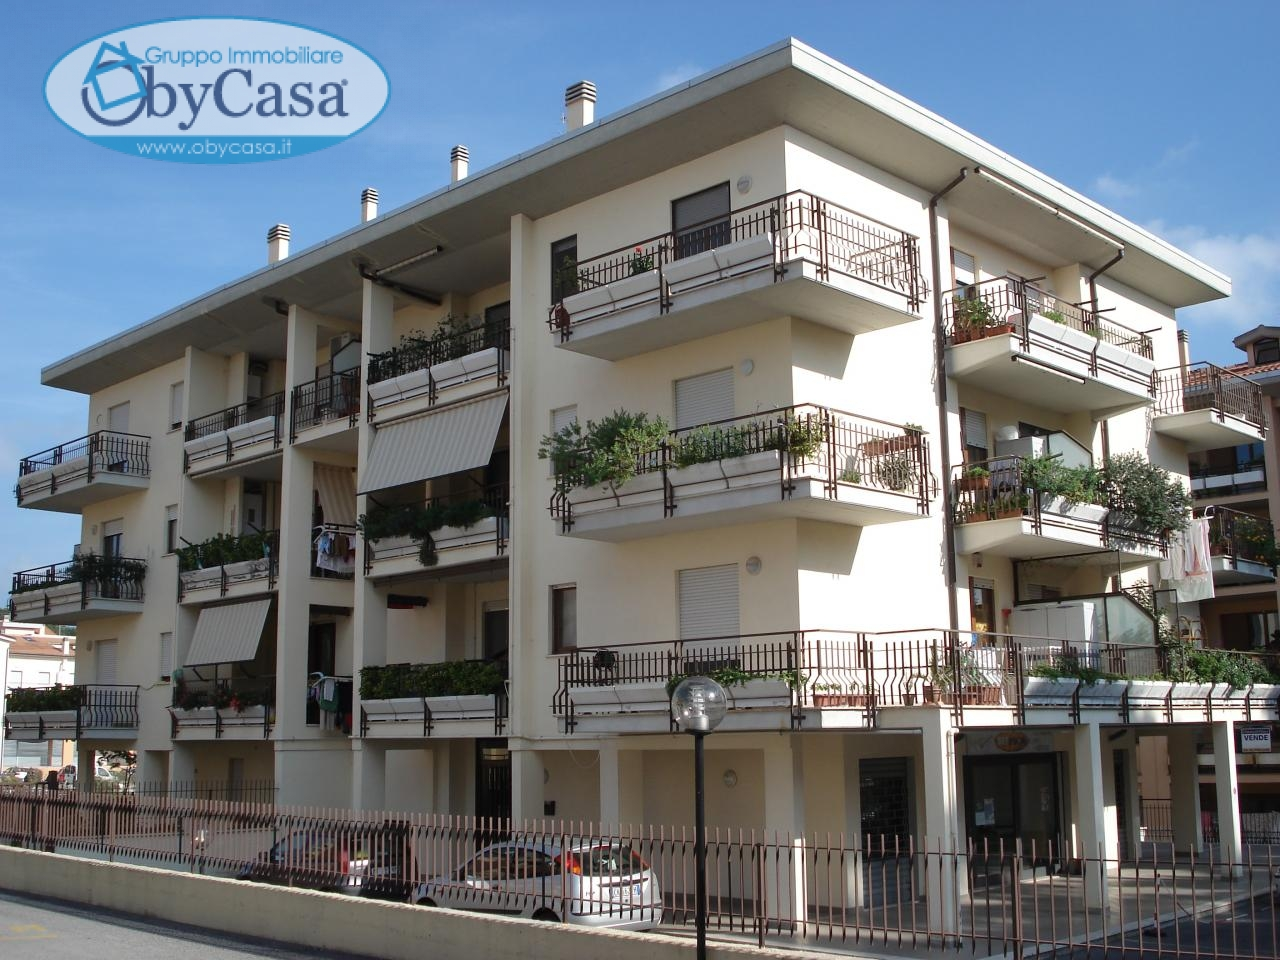 Appartamento in affitto a Bracciano, 3 locali, prezzo € 550   CambioCasa.it